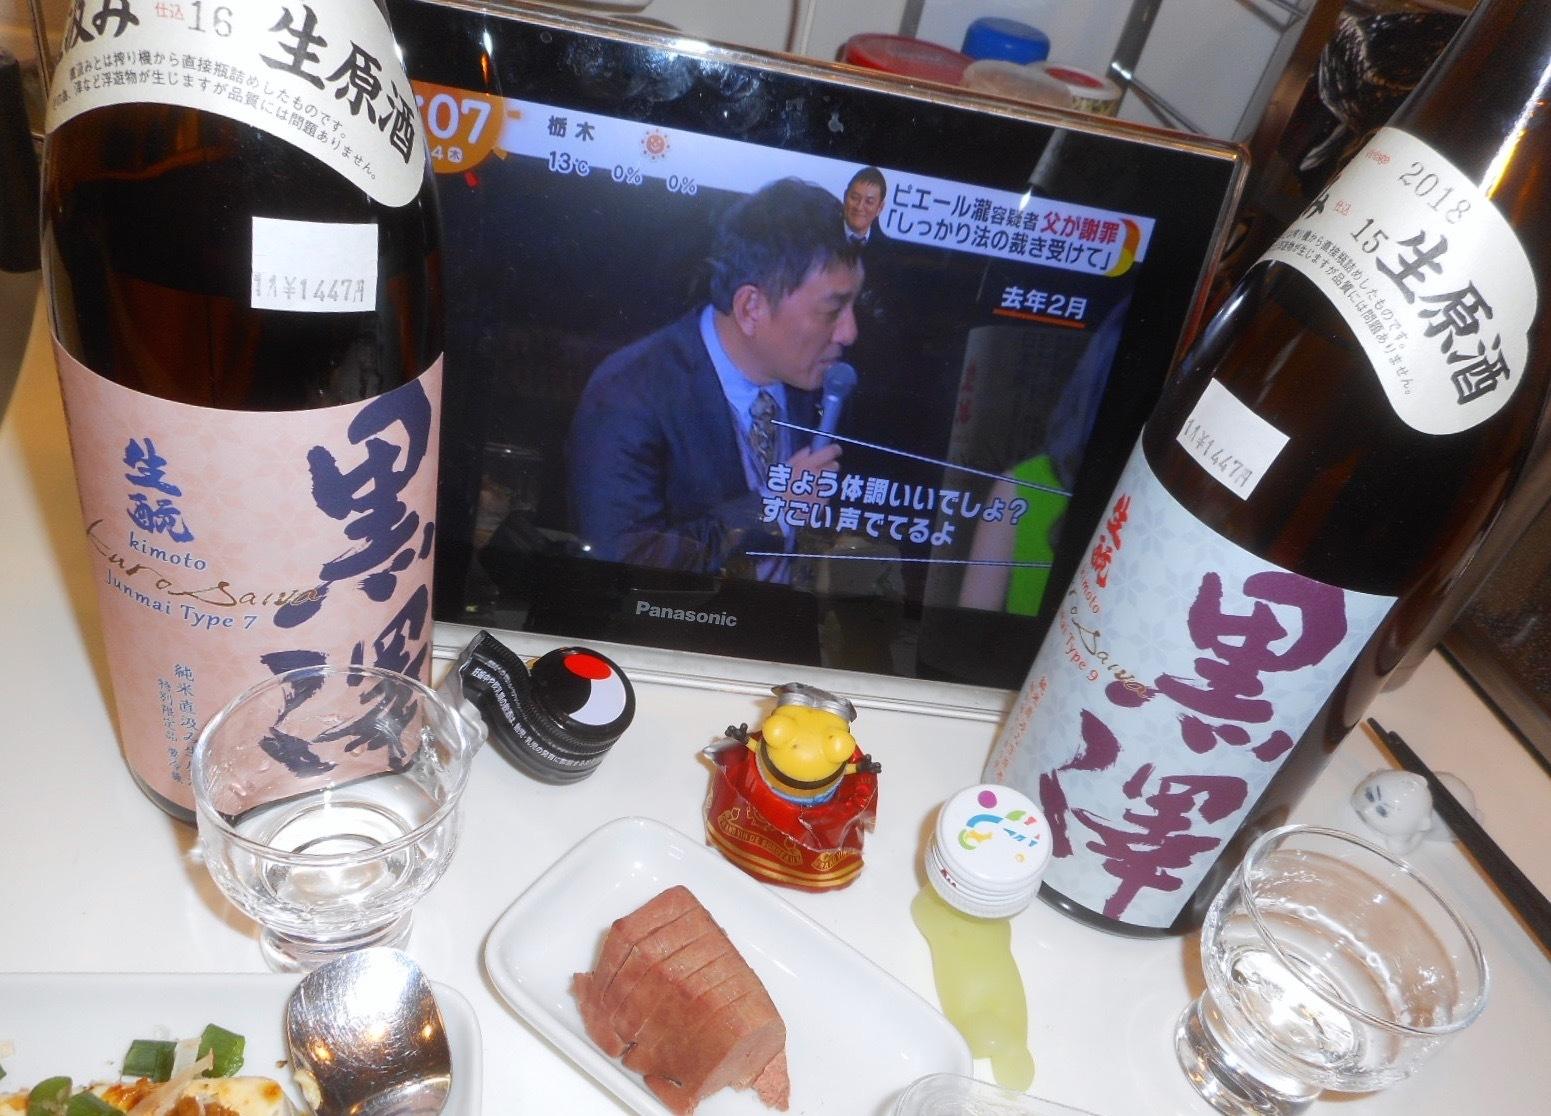 kurosawa_type9_30by1_4.jpg